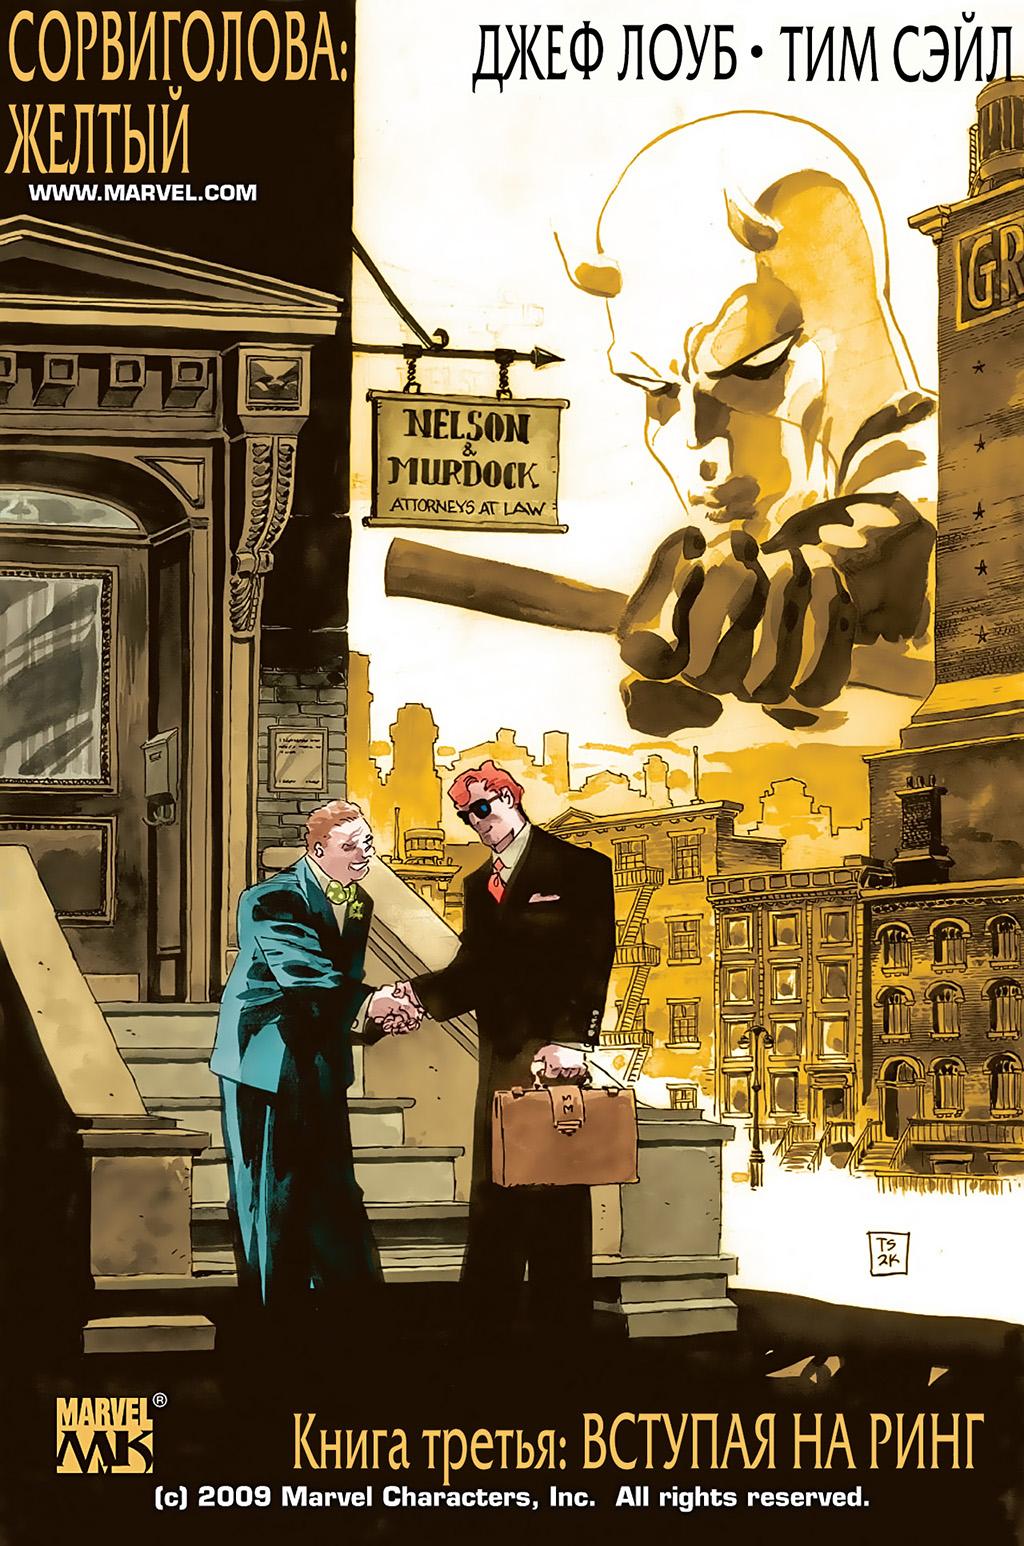 Комикс Сорвиголова: Желтый